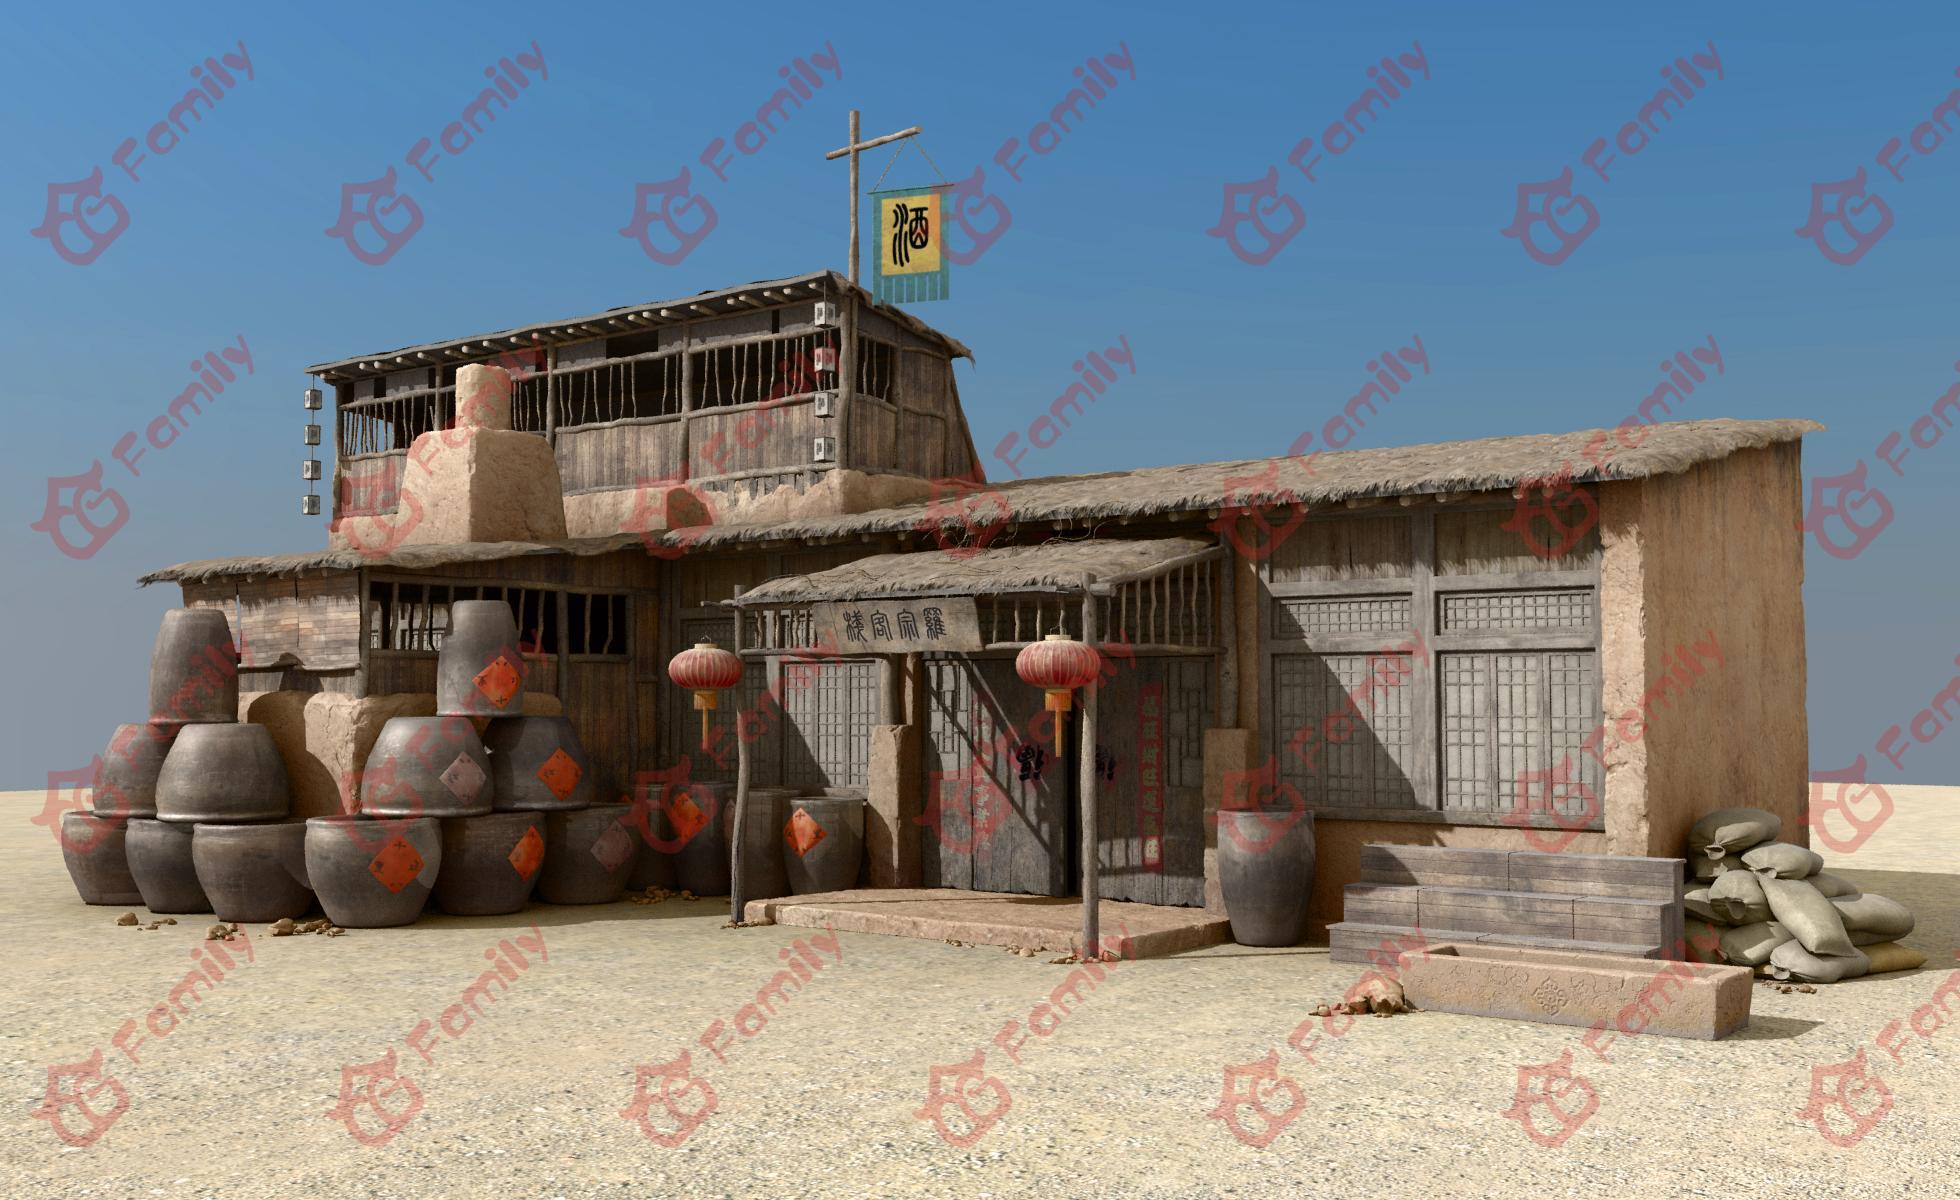 荒漠客栈酒楼3d模型下载